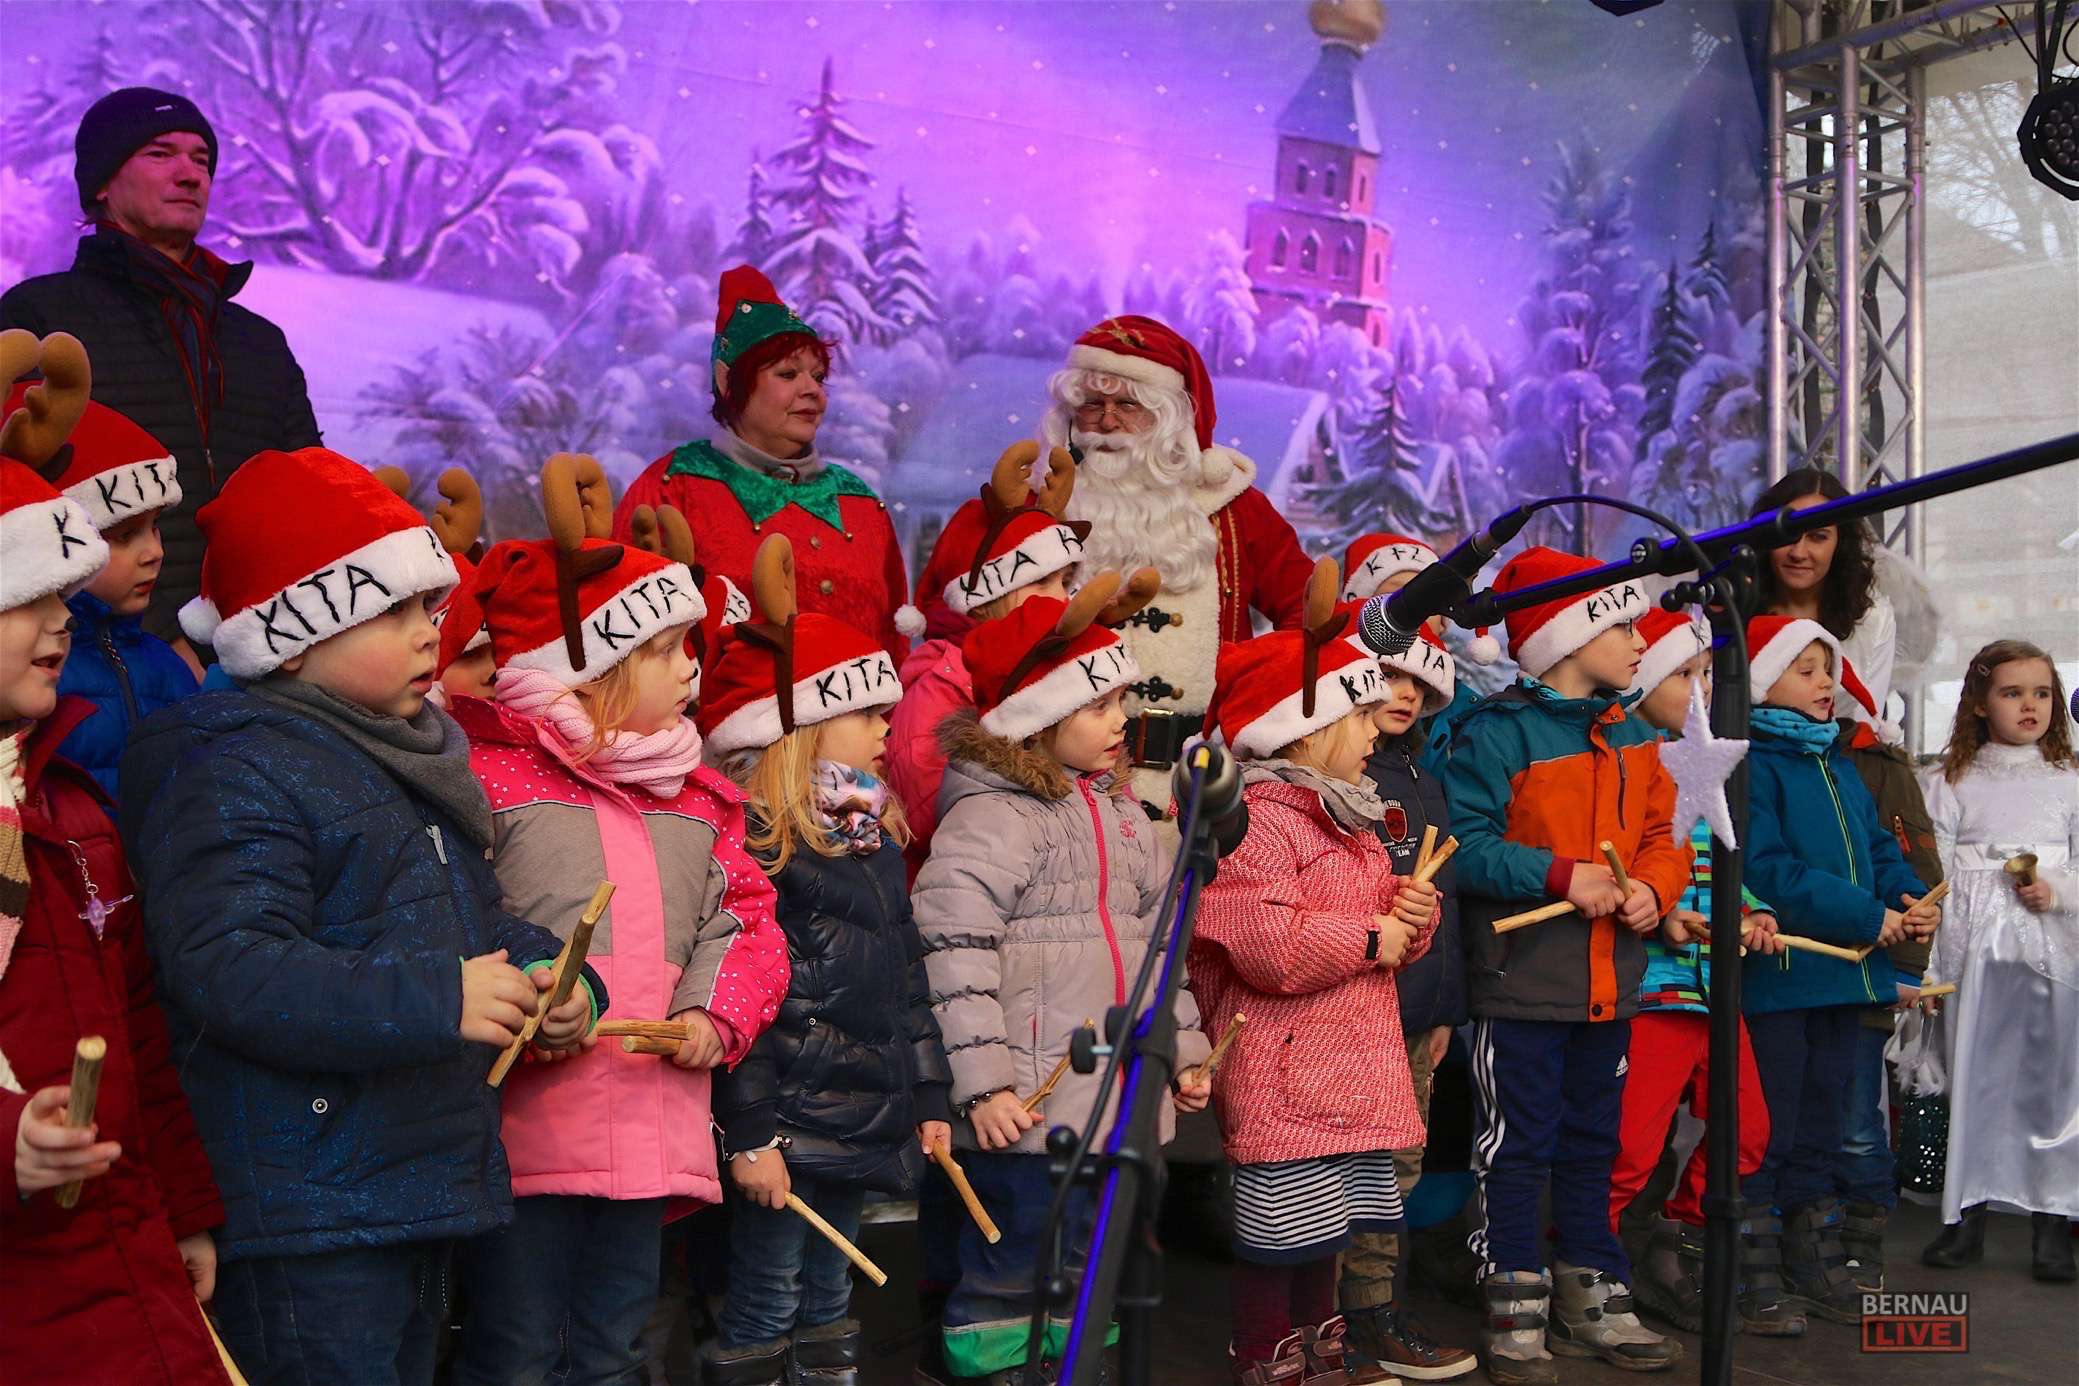 Weihnachtsmarkt in Bernau vor wenigen Minuten offiziell eröffnet